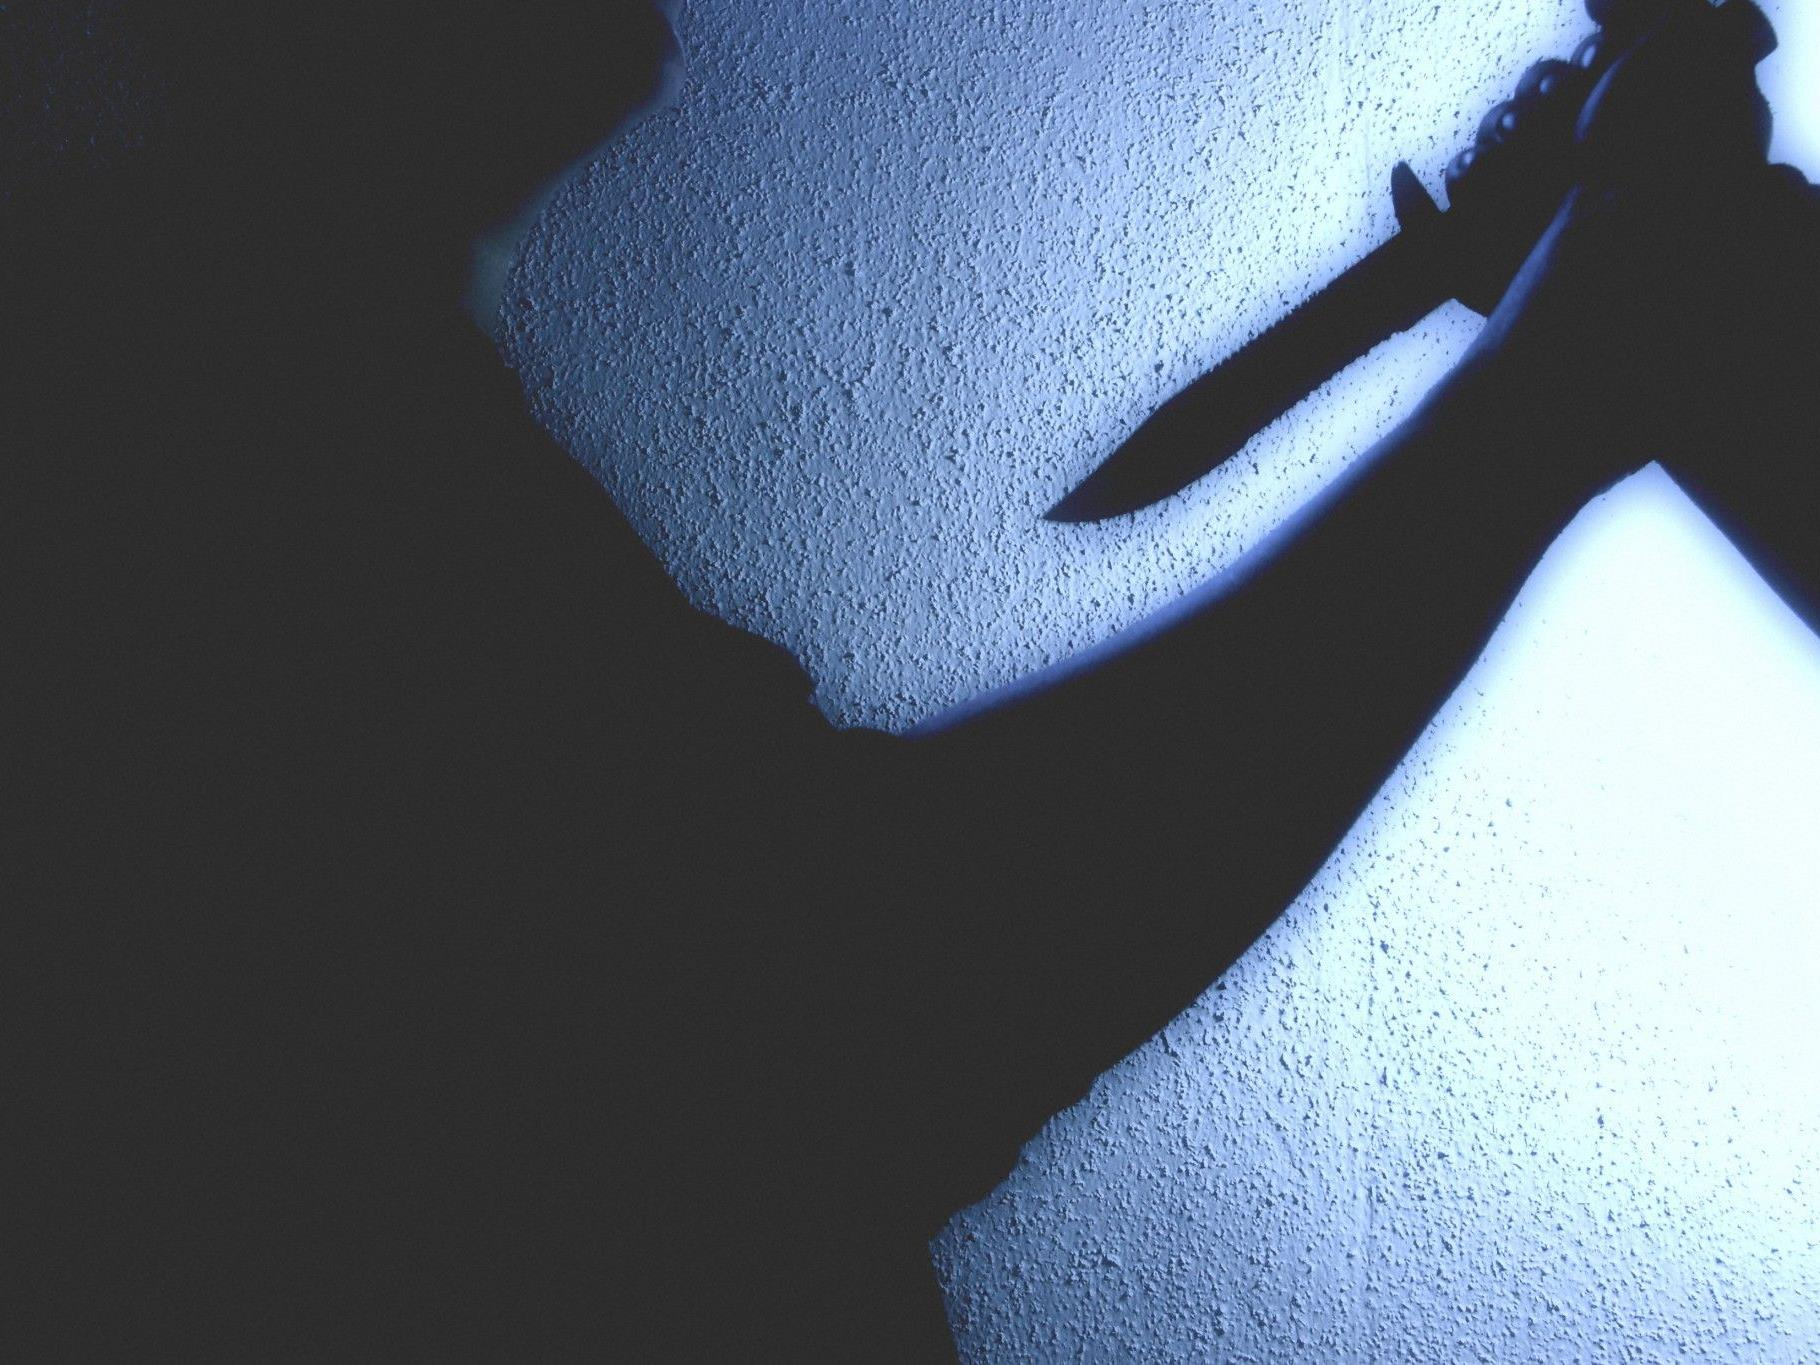 Gegen 22.00 Uhr konnte der Messerstecher festgenommen werden.